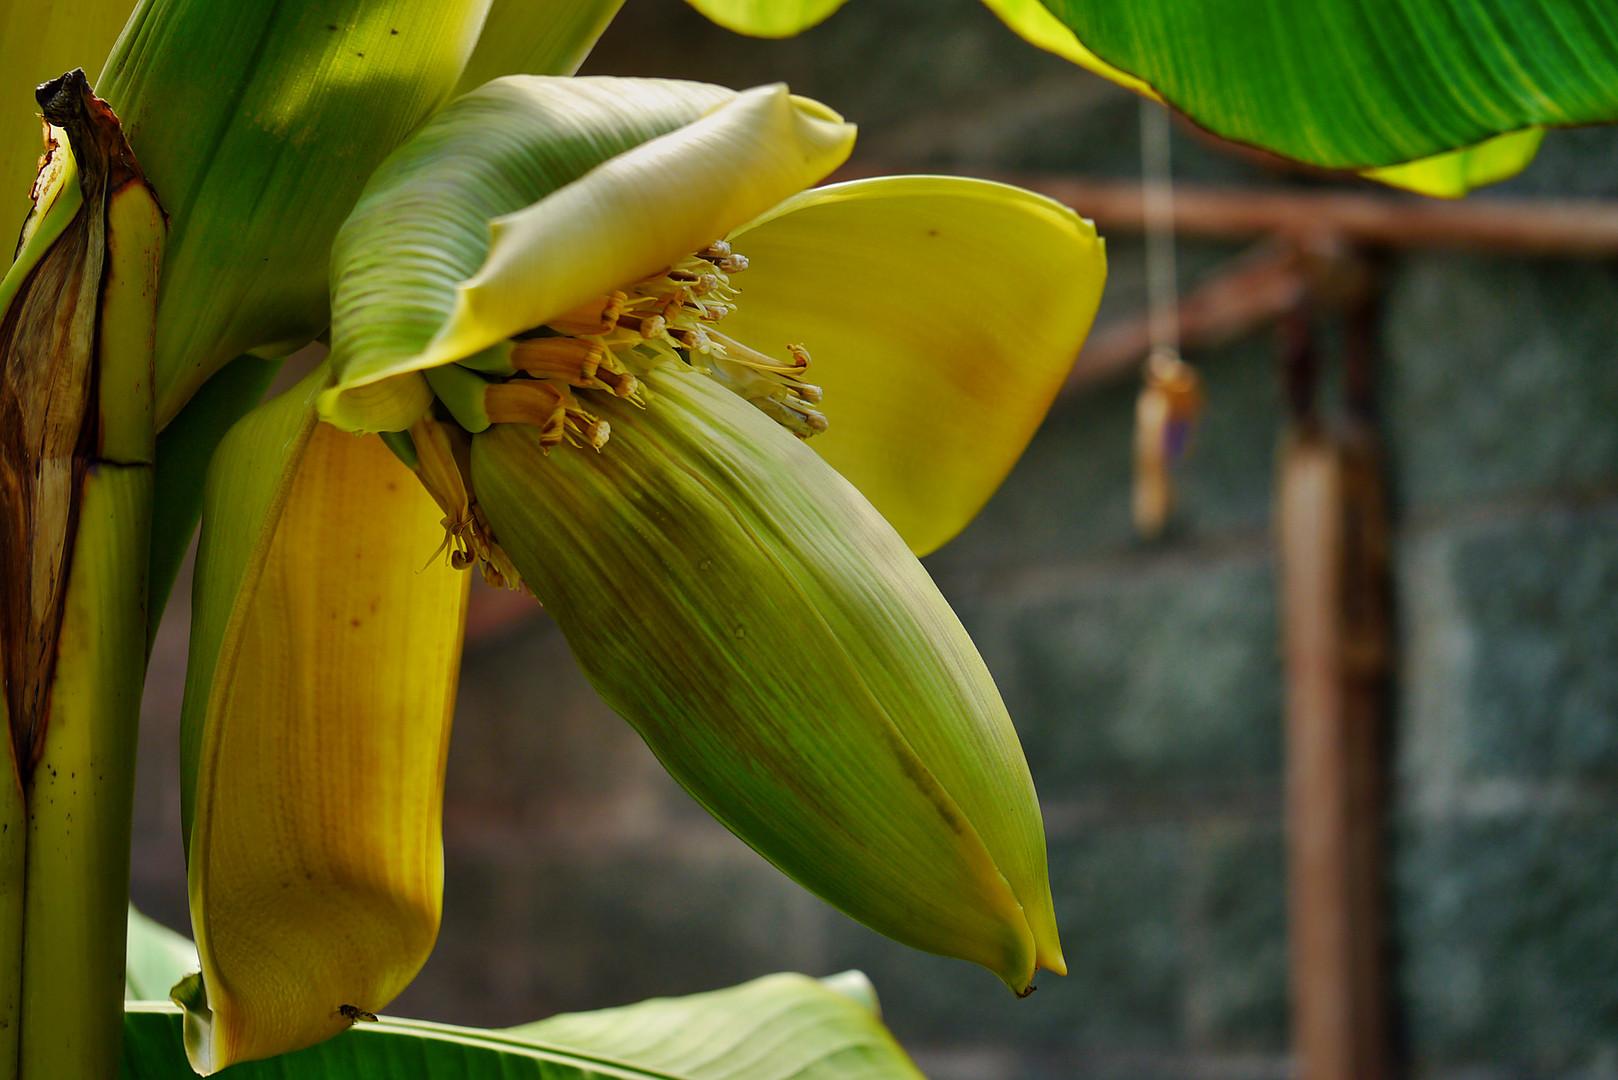 die Bananenblüte trägt schon Früchte